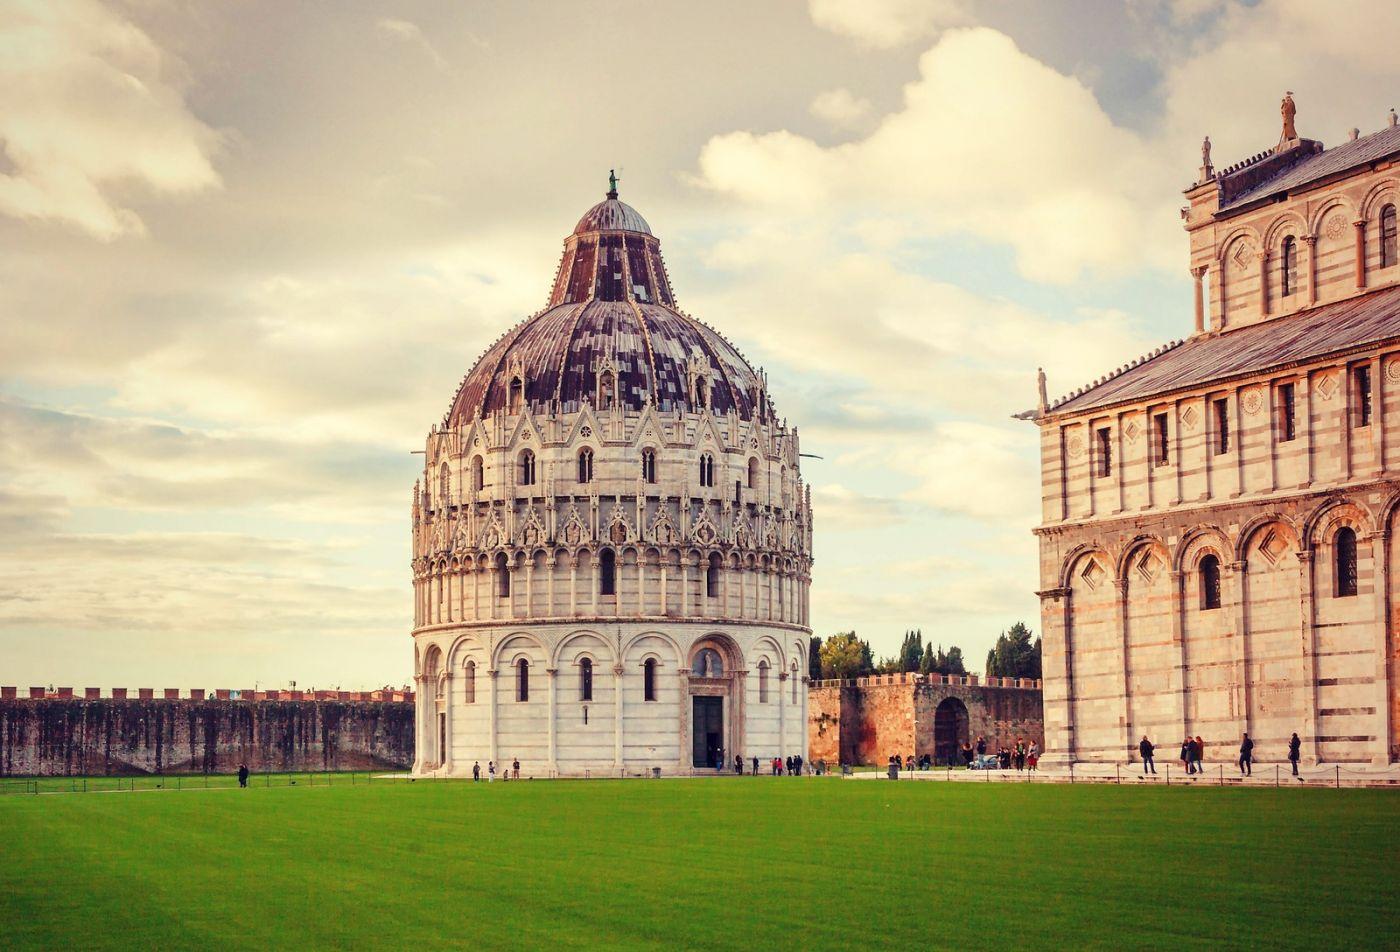 意大利比萨斜塔,塔旁的建筑群_图1-7